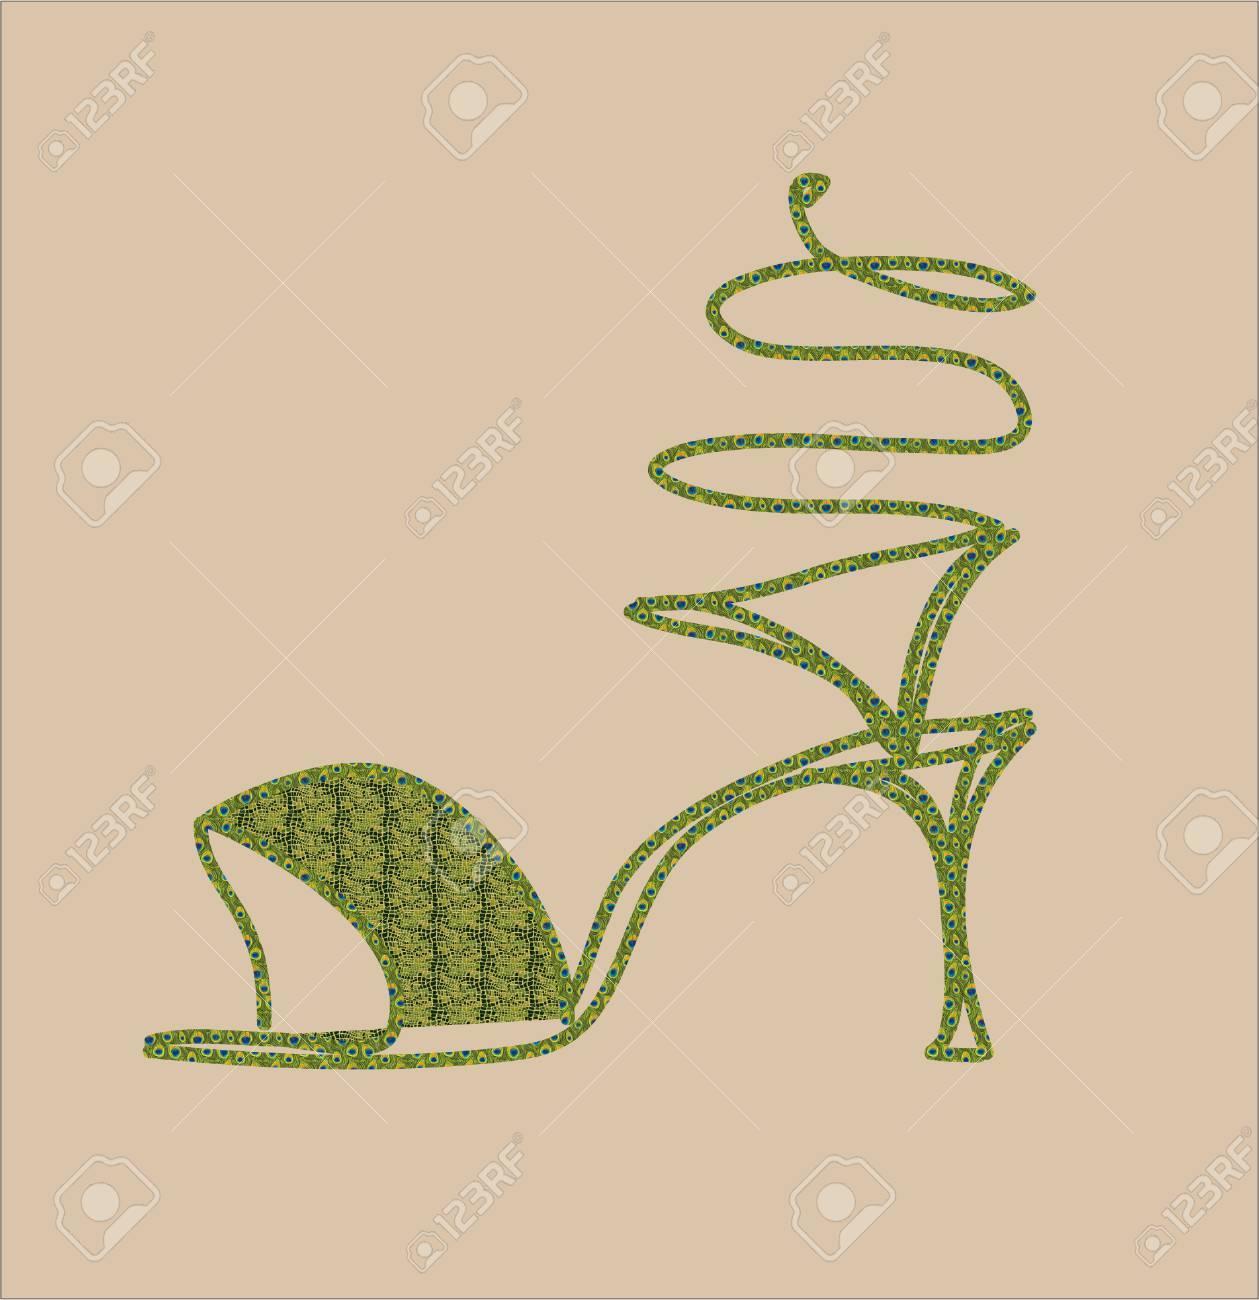 De À Clip Serpentine Talons Hauts Des Sandales Verte Art Libres OPn0wNk8X